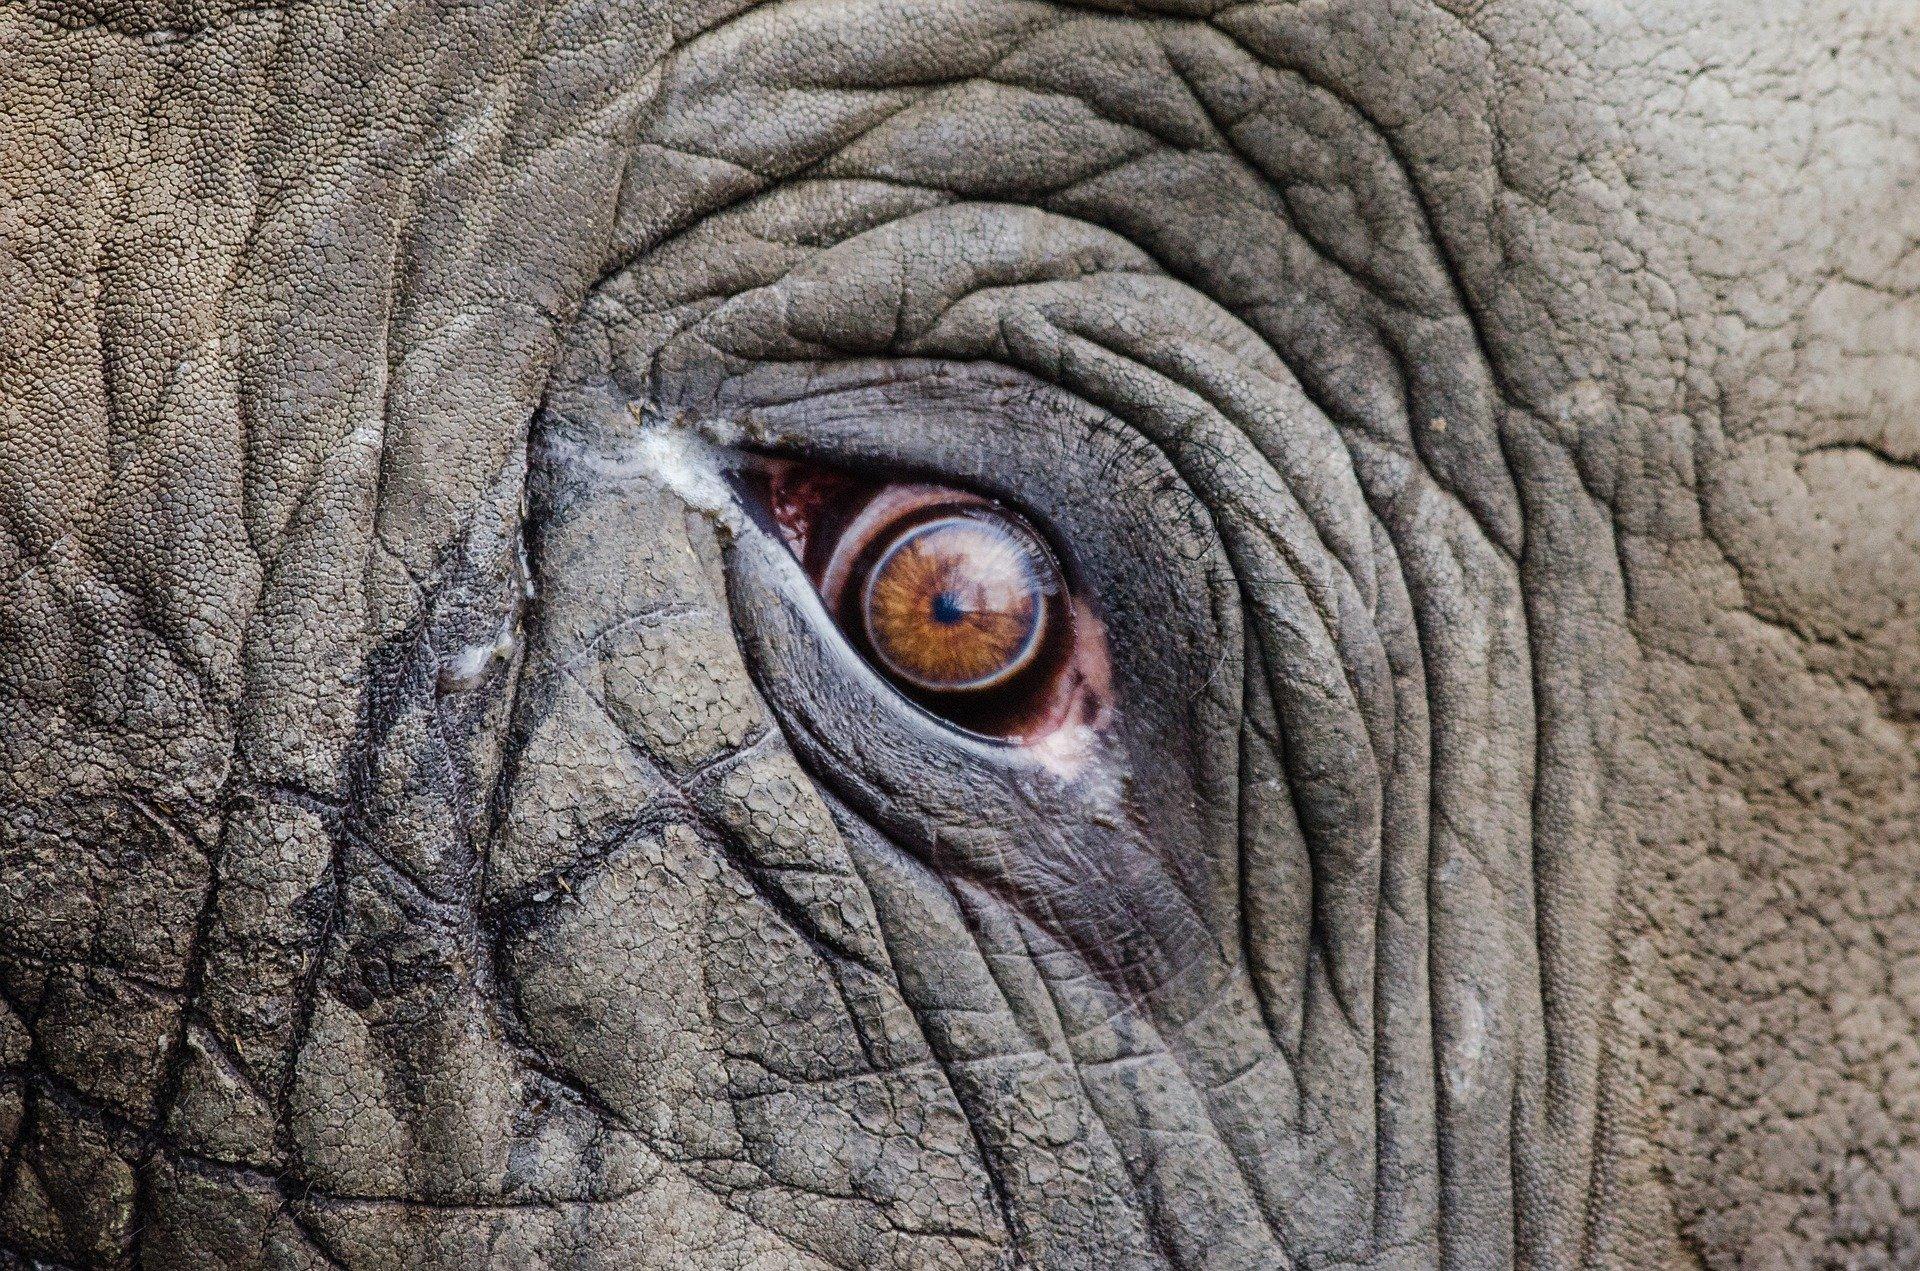 Ojo de elefante. Fuente: Pixabay